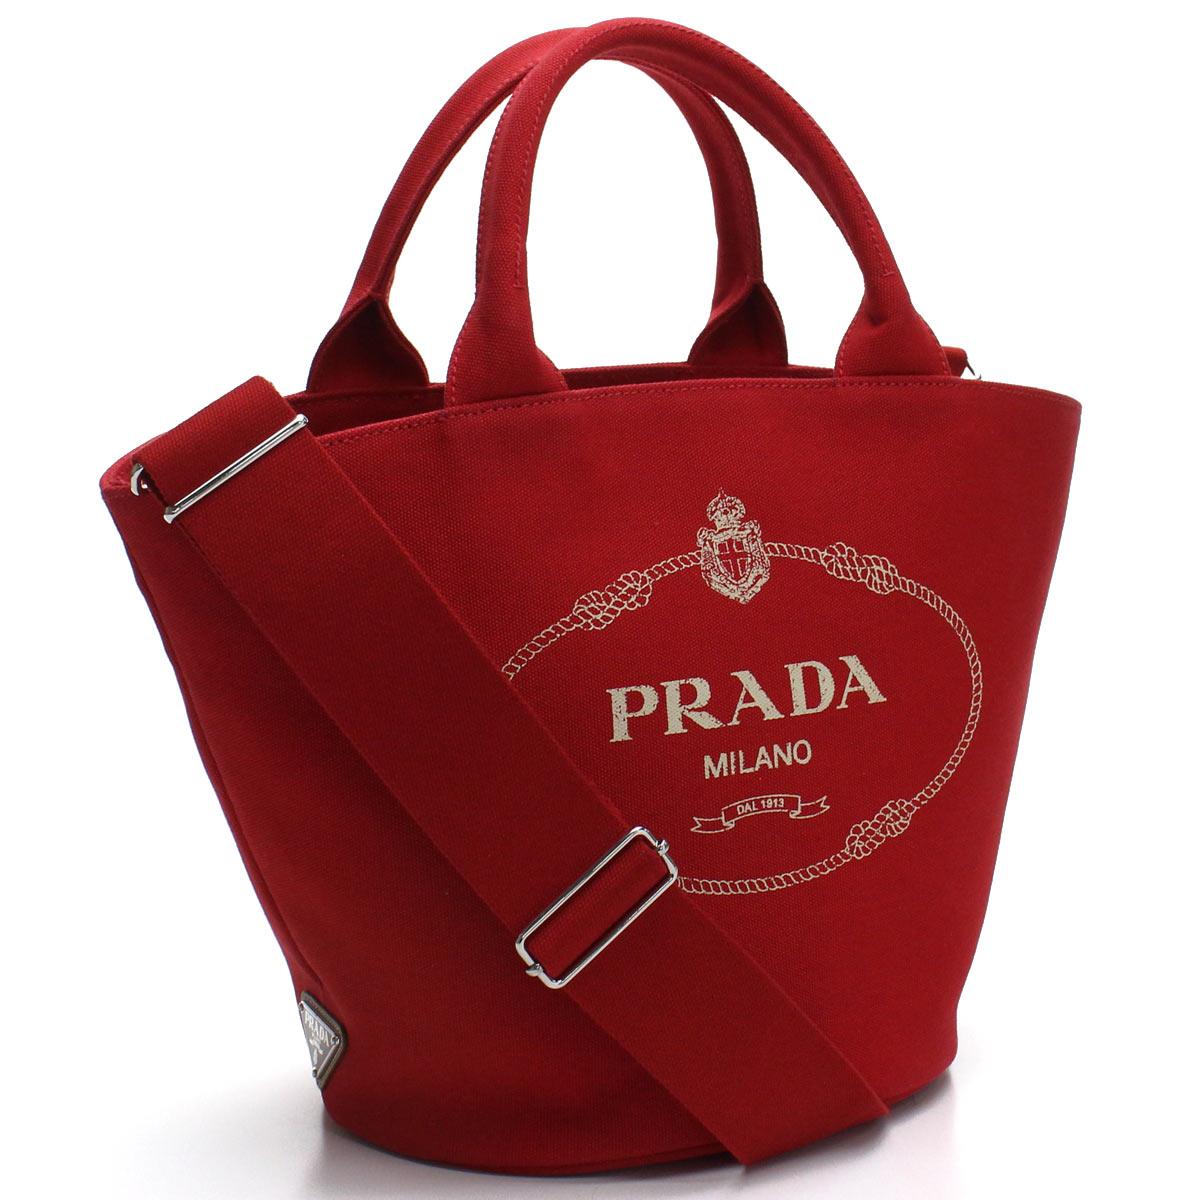 プラダ PRADA カナパ 2way ハンドバッグ 1BG186 ZKI V OOO F0011 ROSSO レッド系 レディース